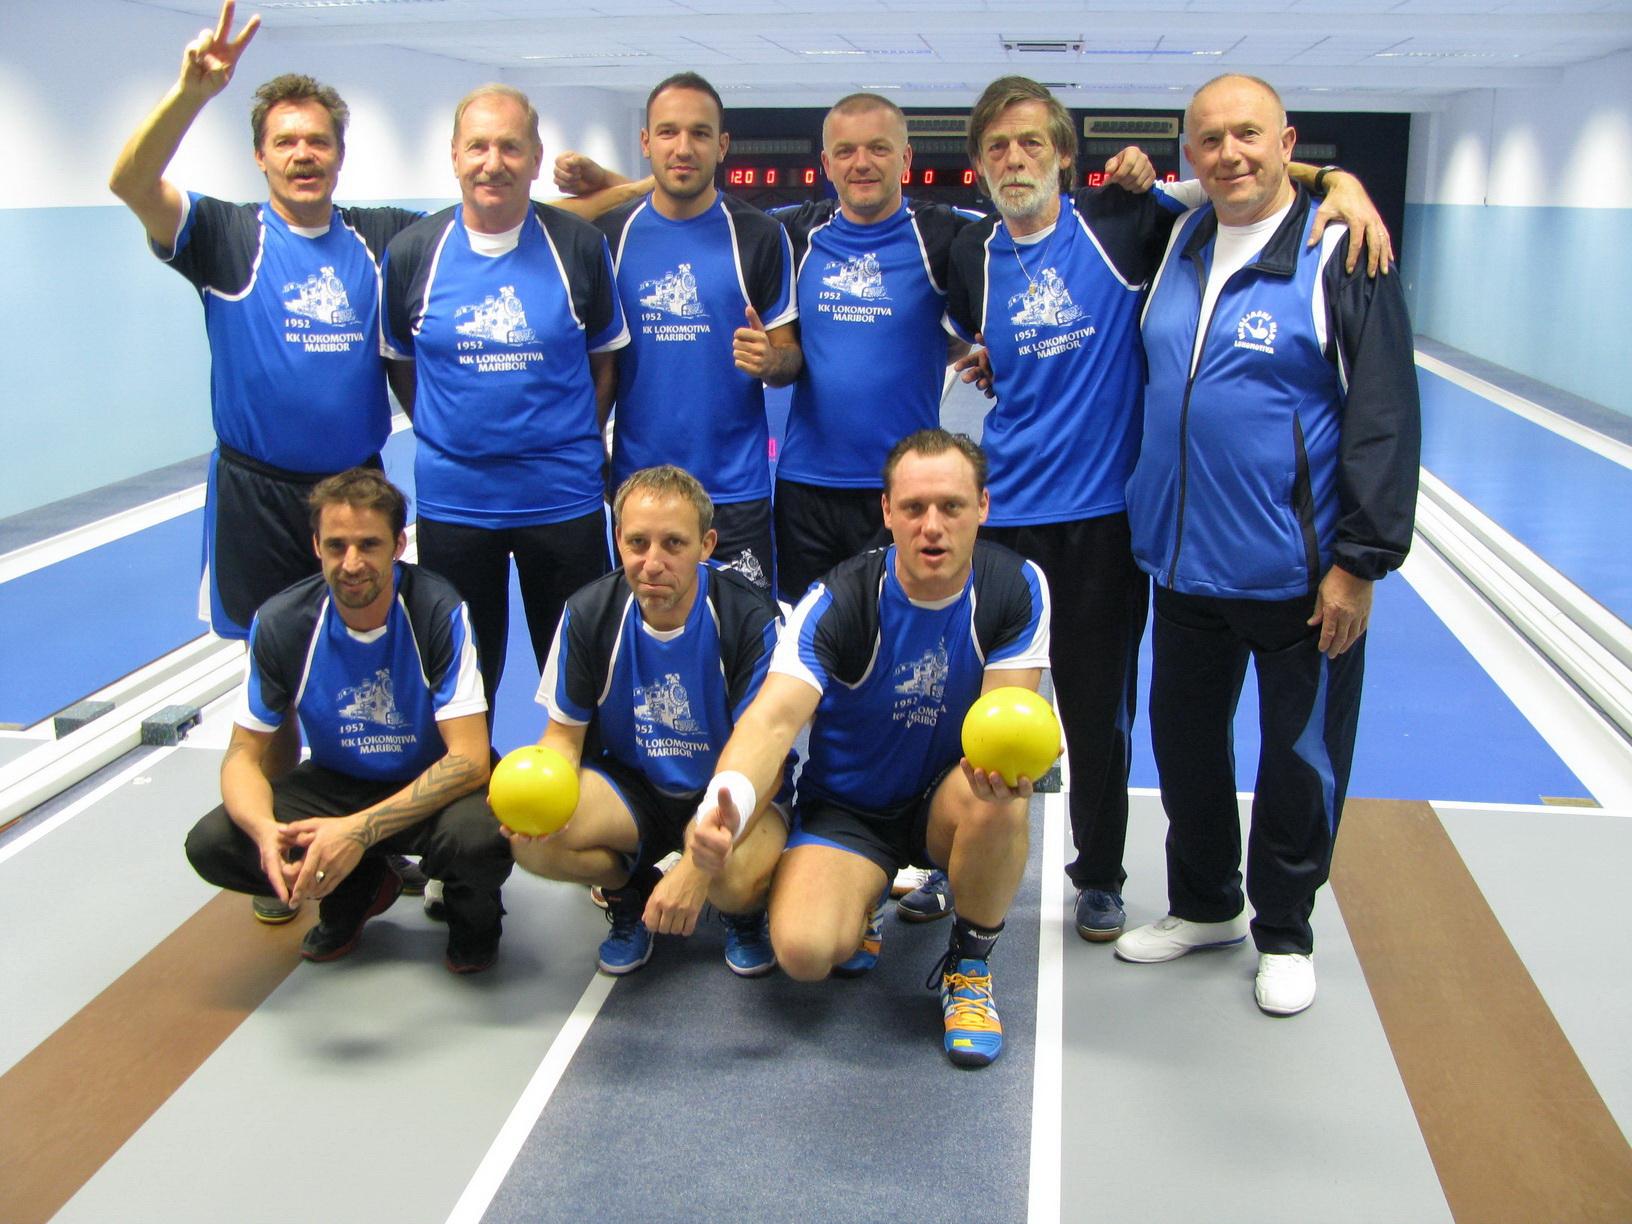 1. ekipa, 2015/16